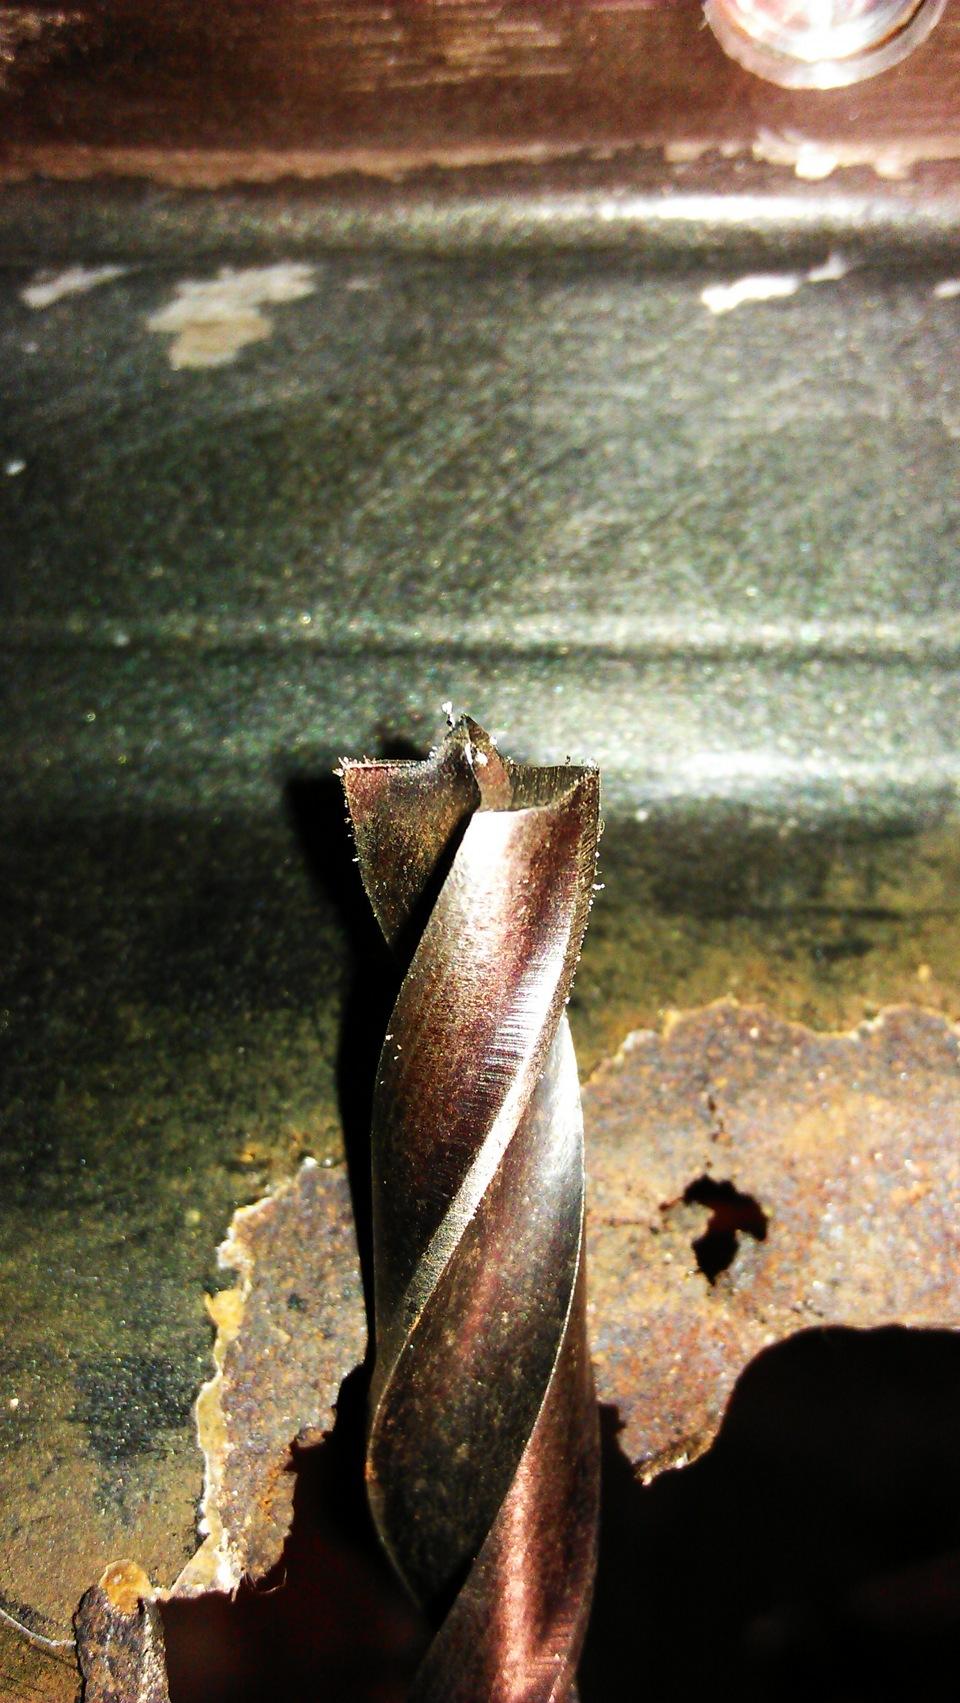 Сверло для высверливания точечной сварки: как высверлить на автомобиле и заточка сверла